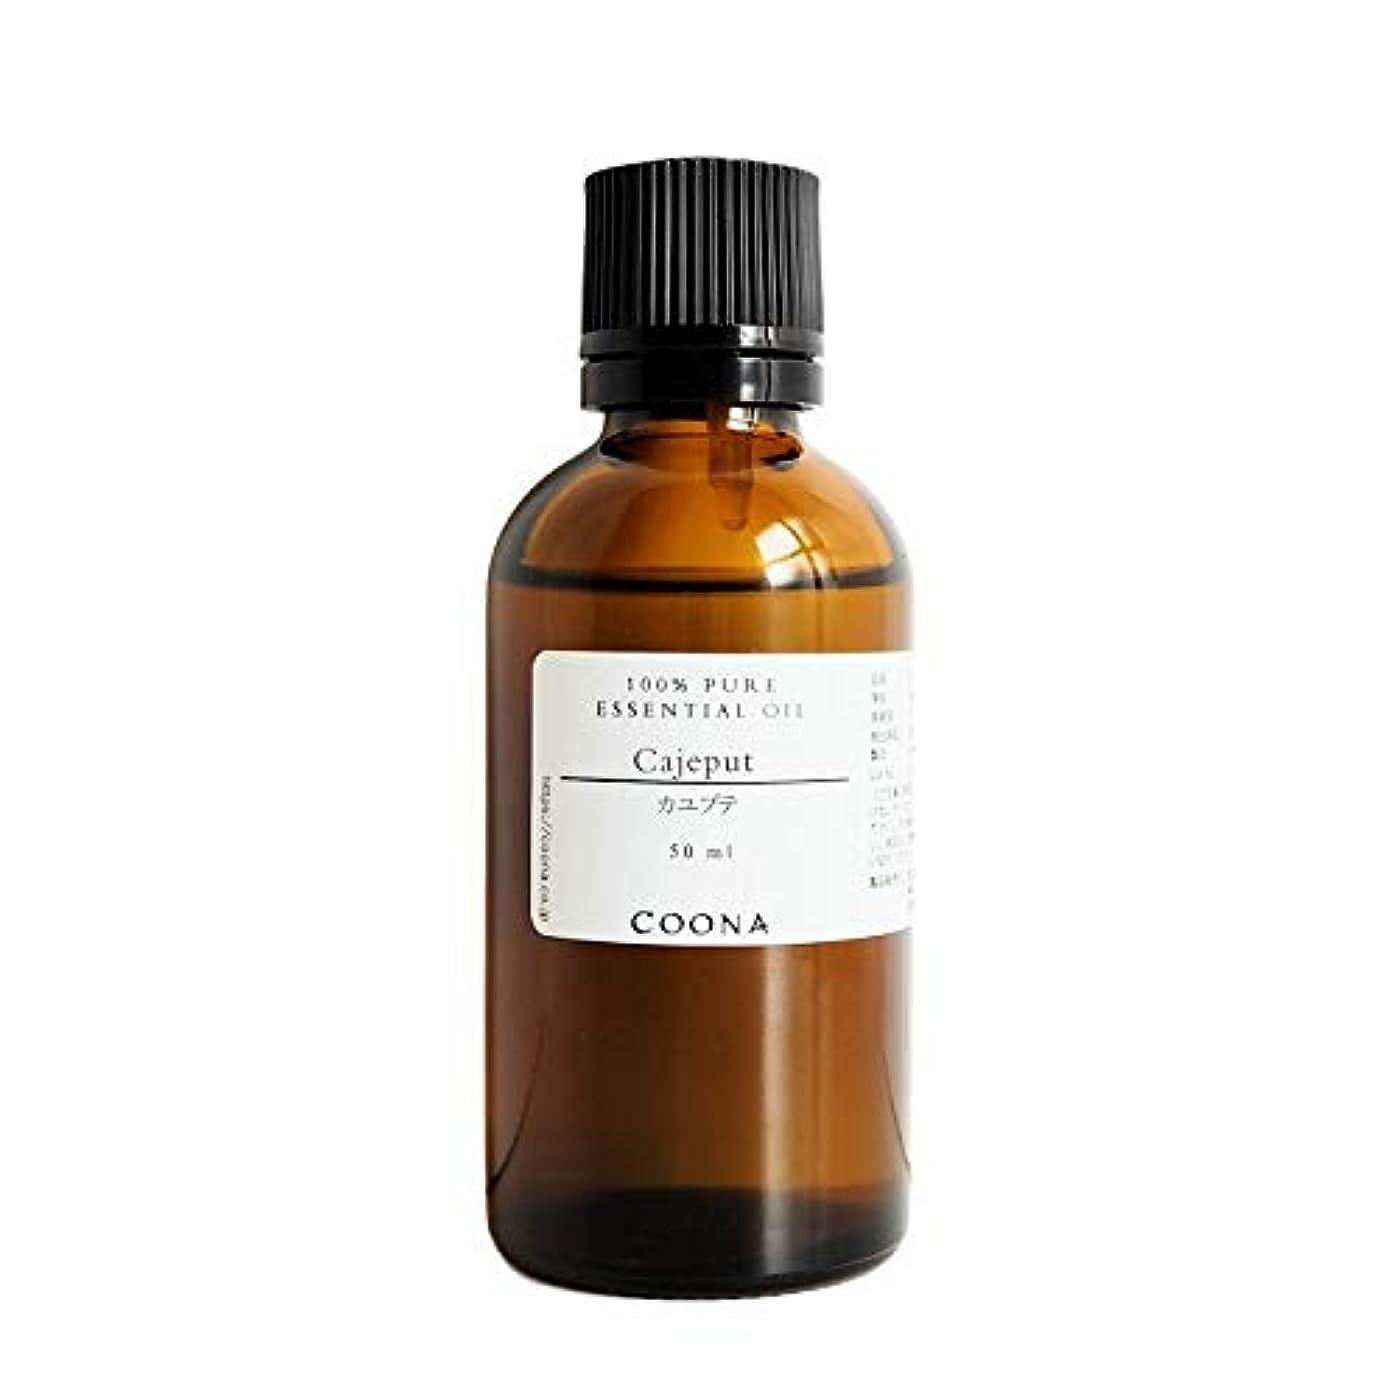 母迷信粘り強いカユプテ 50 ml (COONA エッセンシャルオイル アロマオイル 100%天然植物精油)